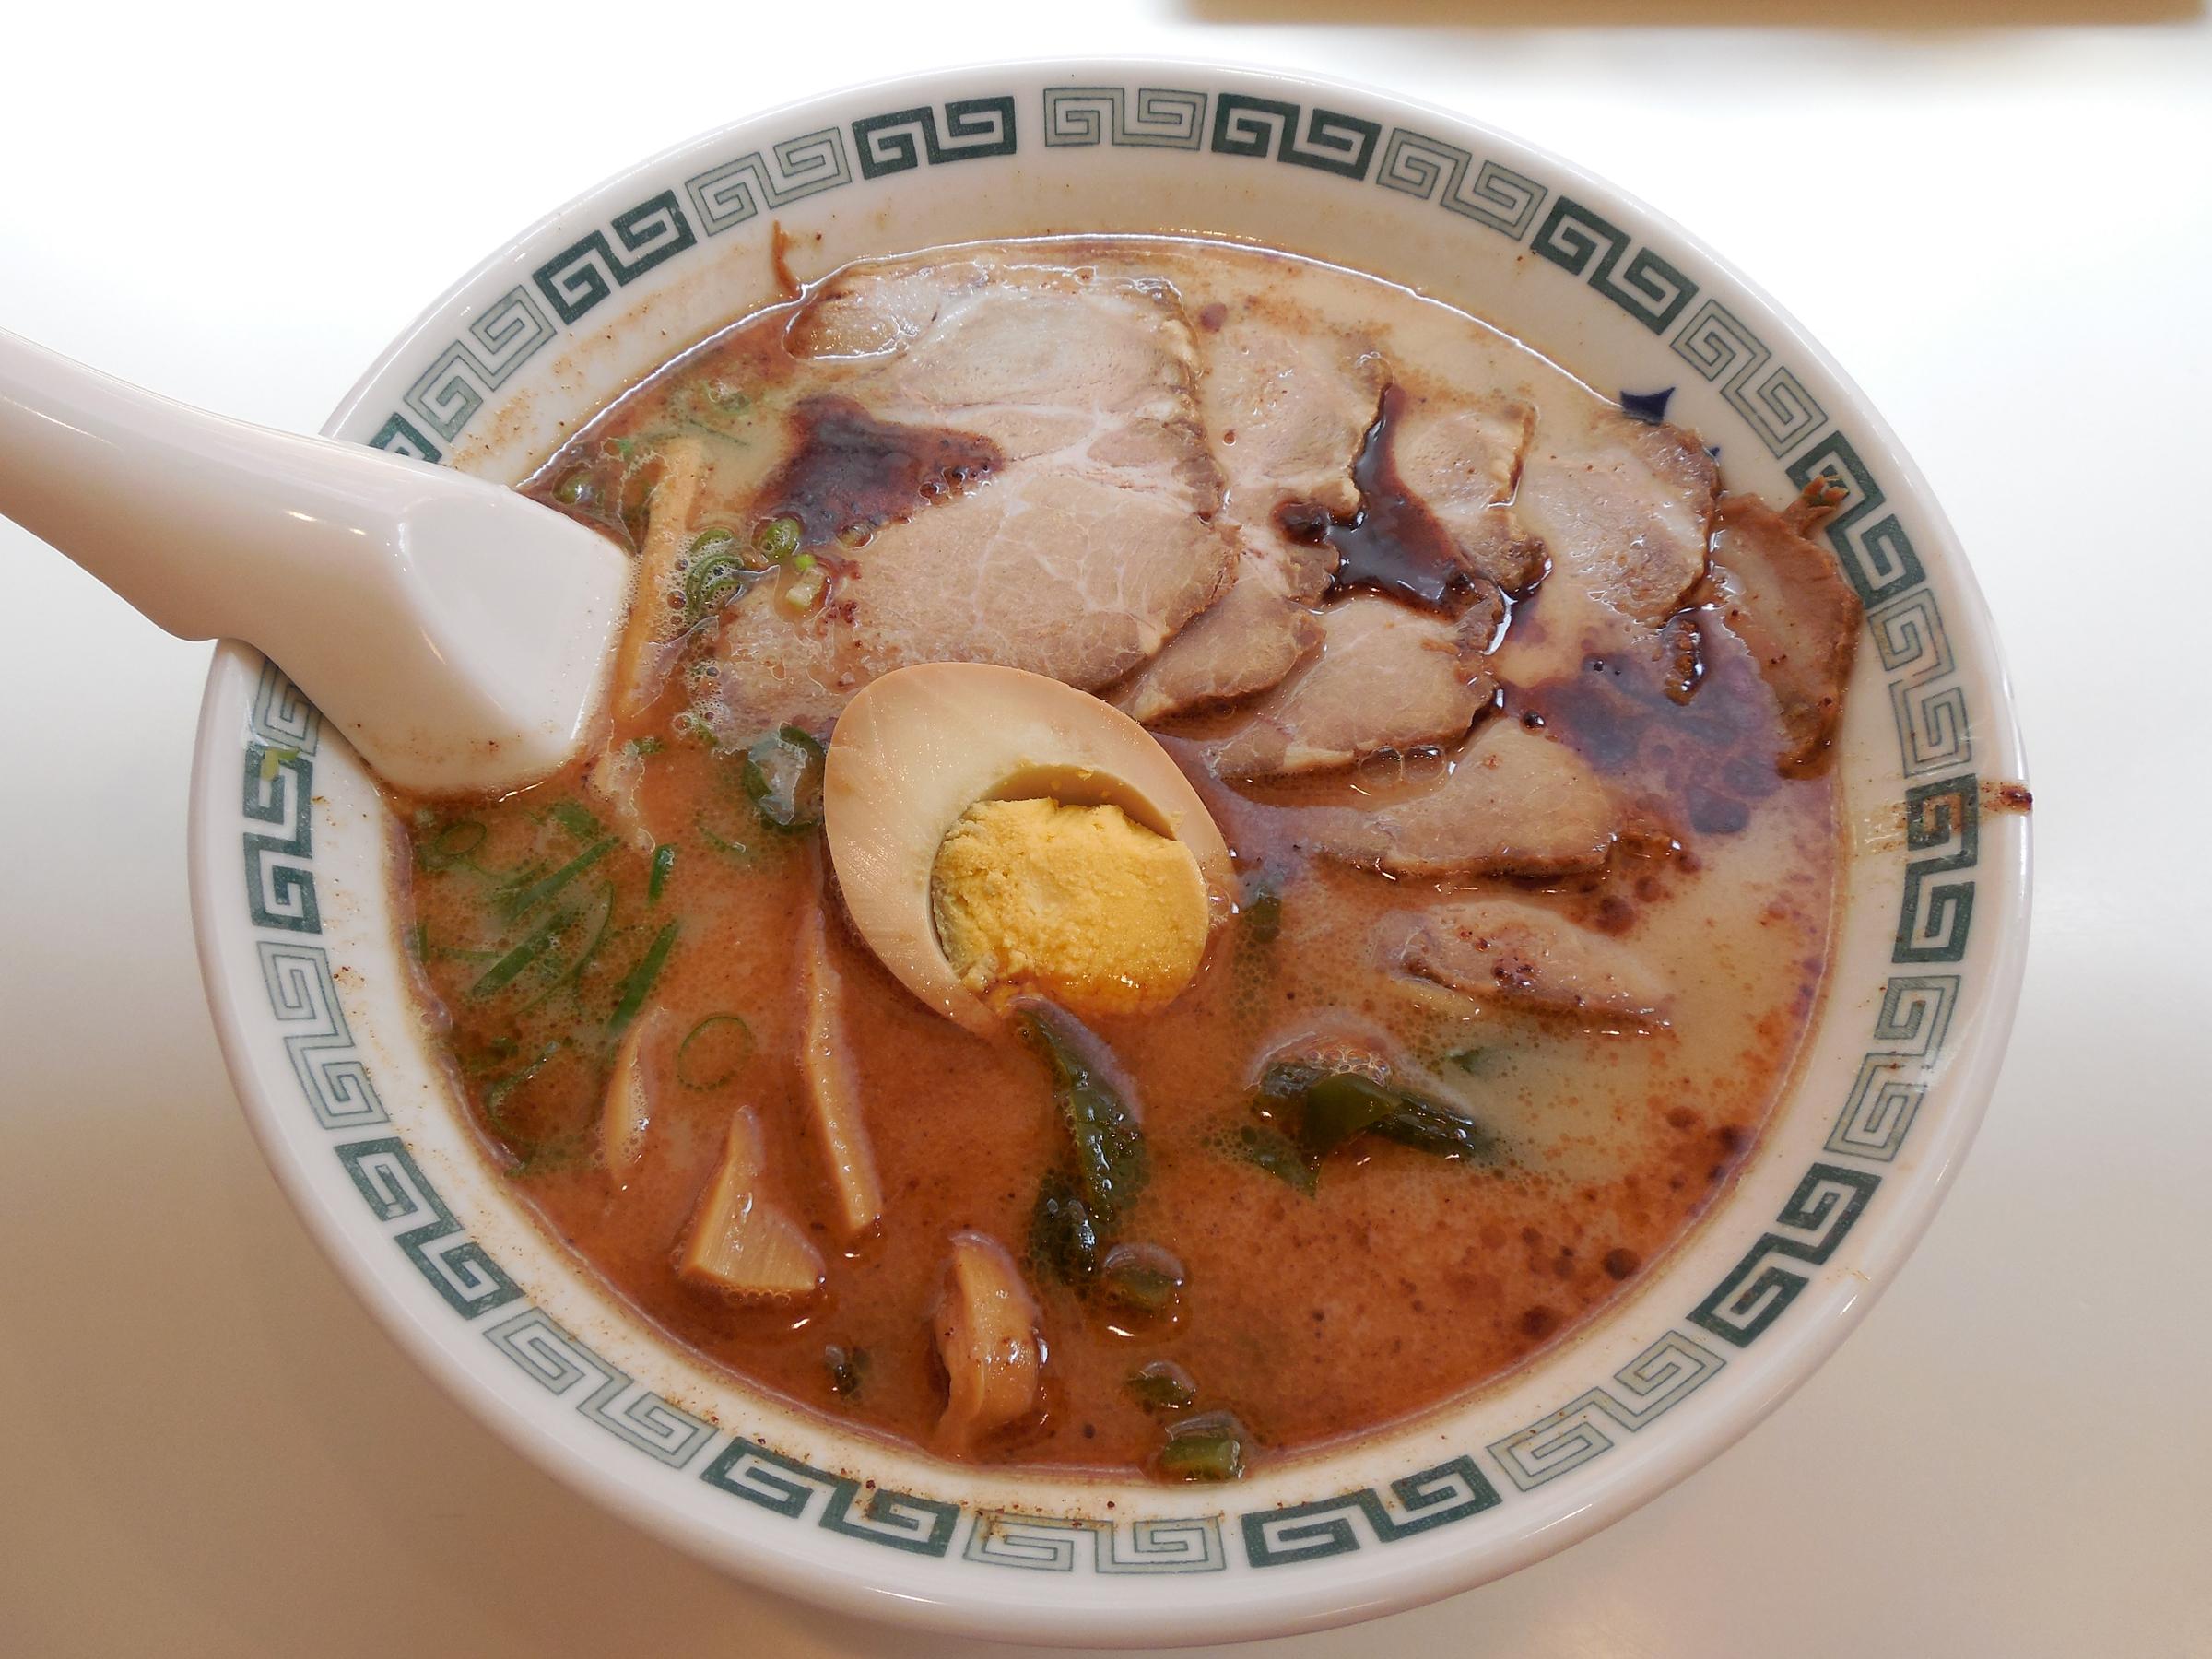 糸魚川市でおすすめのラーメン屋特集!美味しいと評判の店の口コミも紹介!